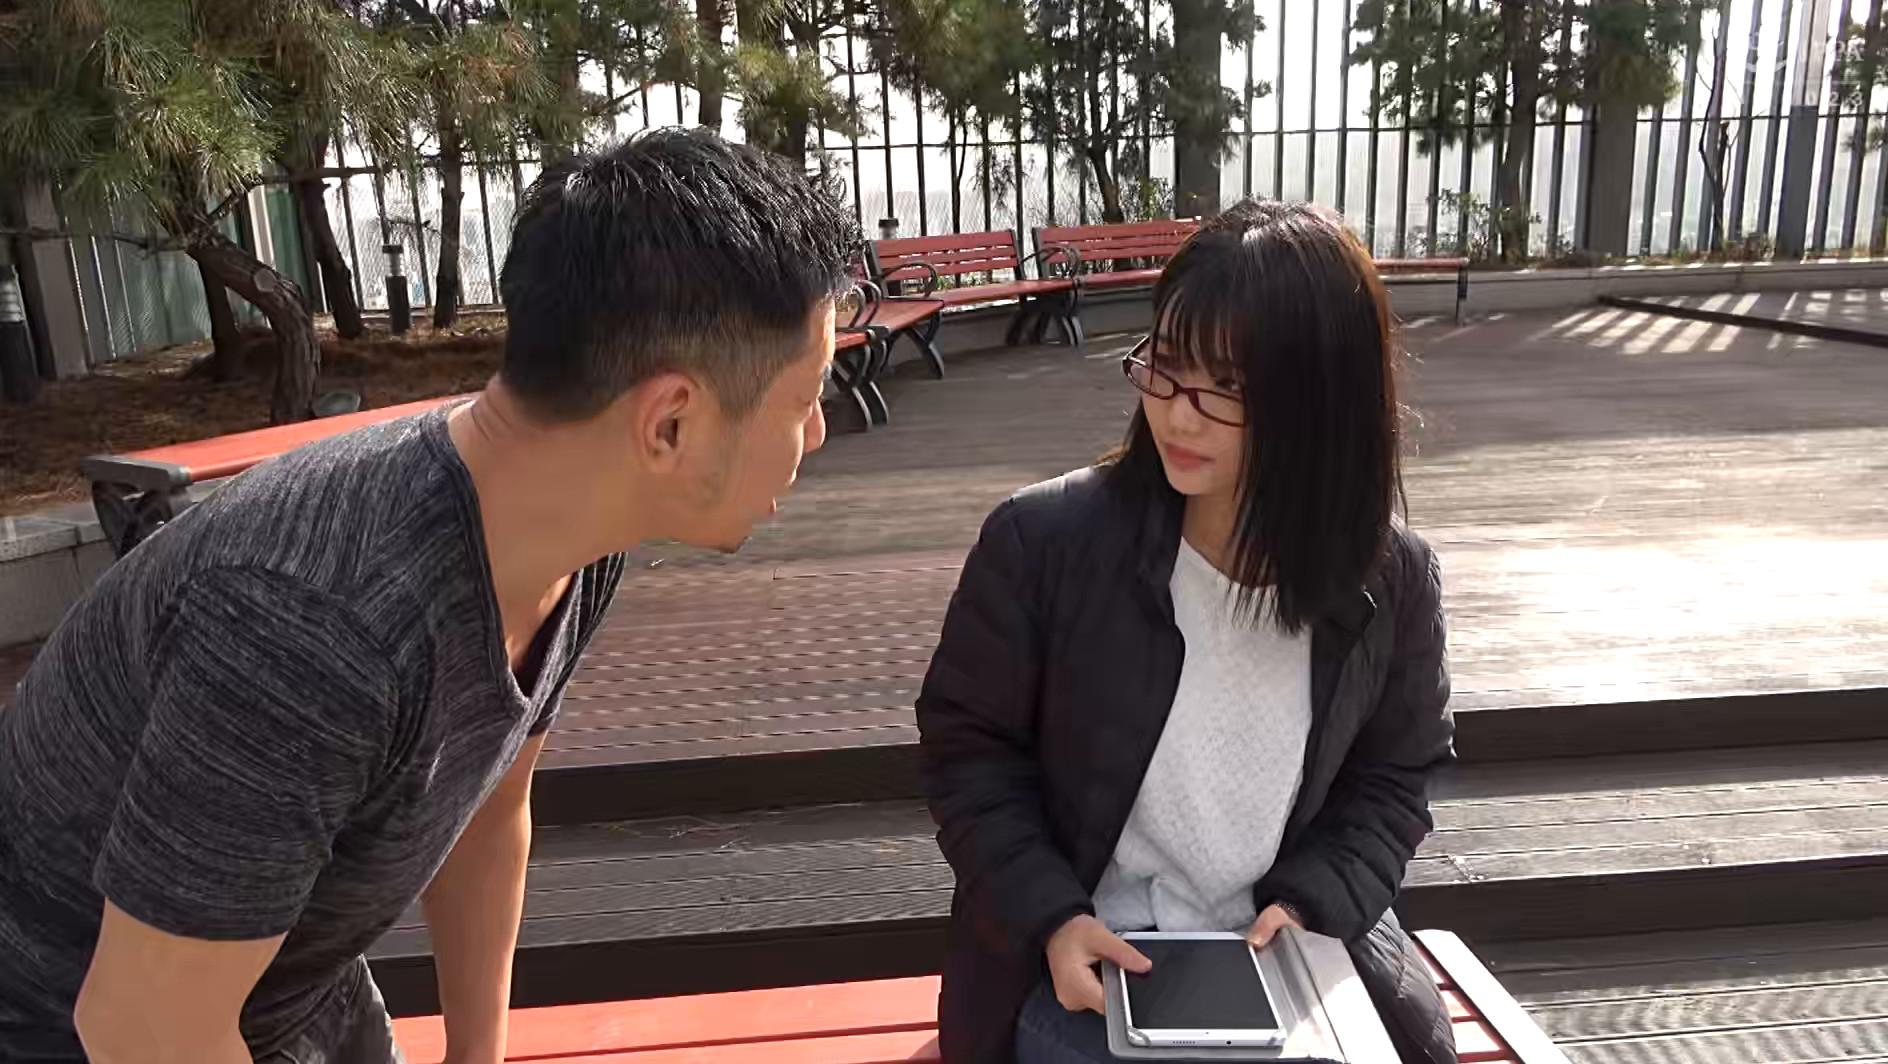 韓国で見つけた地味系な彼女は、眼鏡で隠した美貌と隠れ巨乳のもったいない美女でした!自称Cカップと控えめにウソをつく隠れ巨乳は揉んで良し!揺れて良し! 画像1